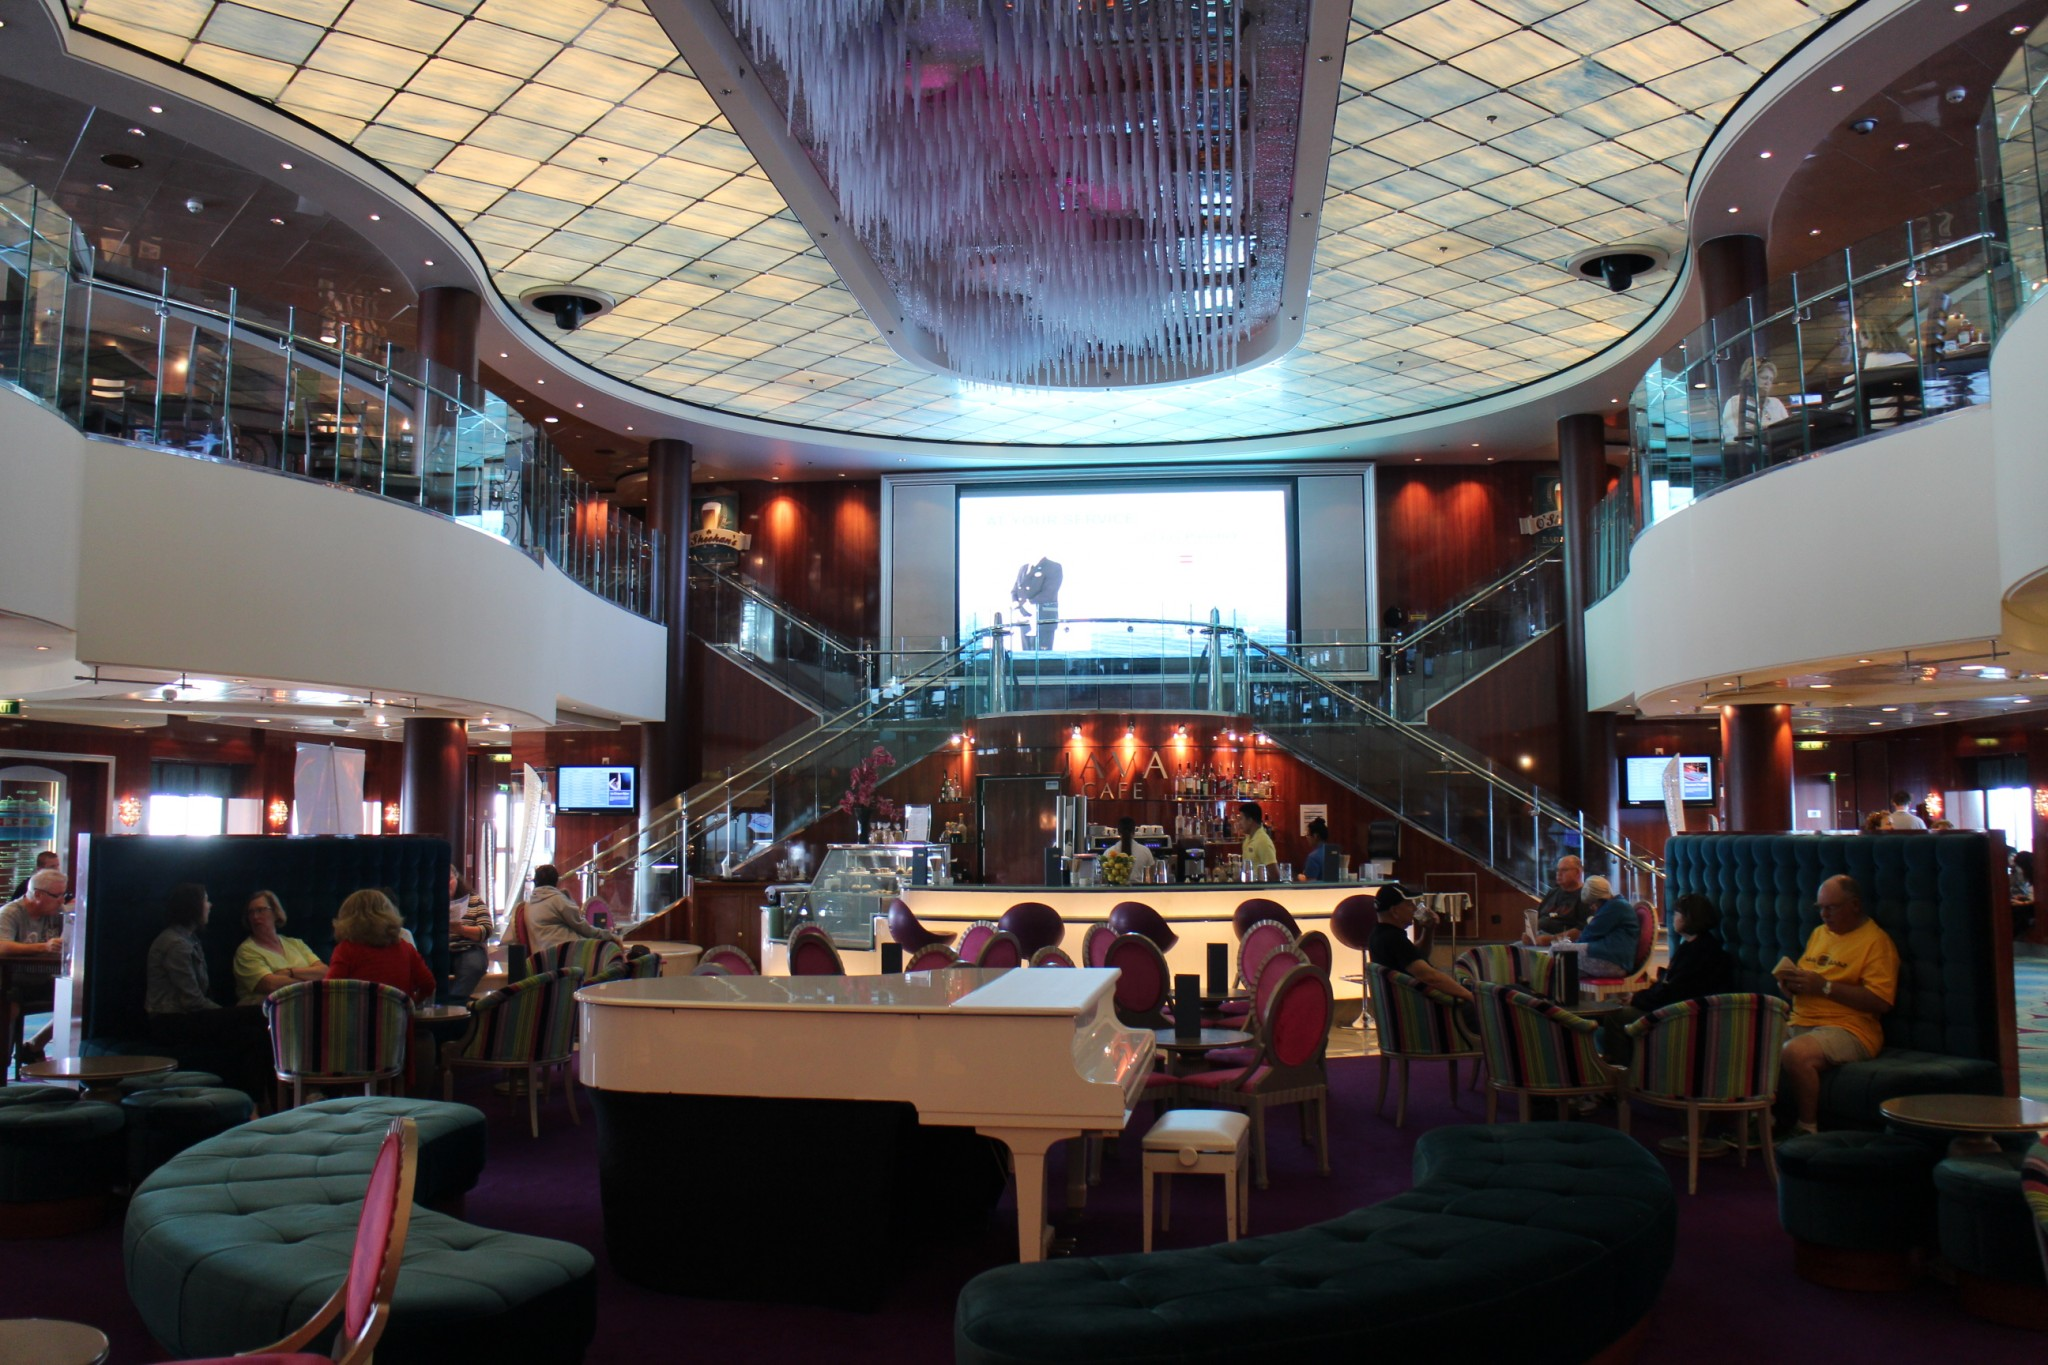 Norwegian Jewel Atrium 2